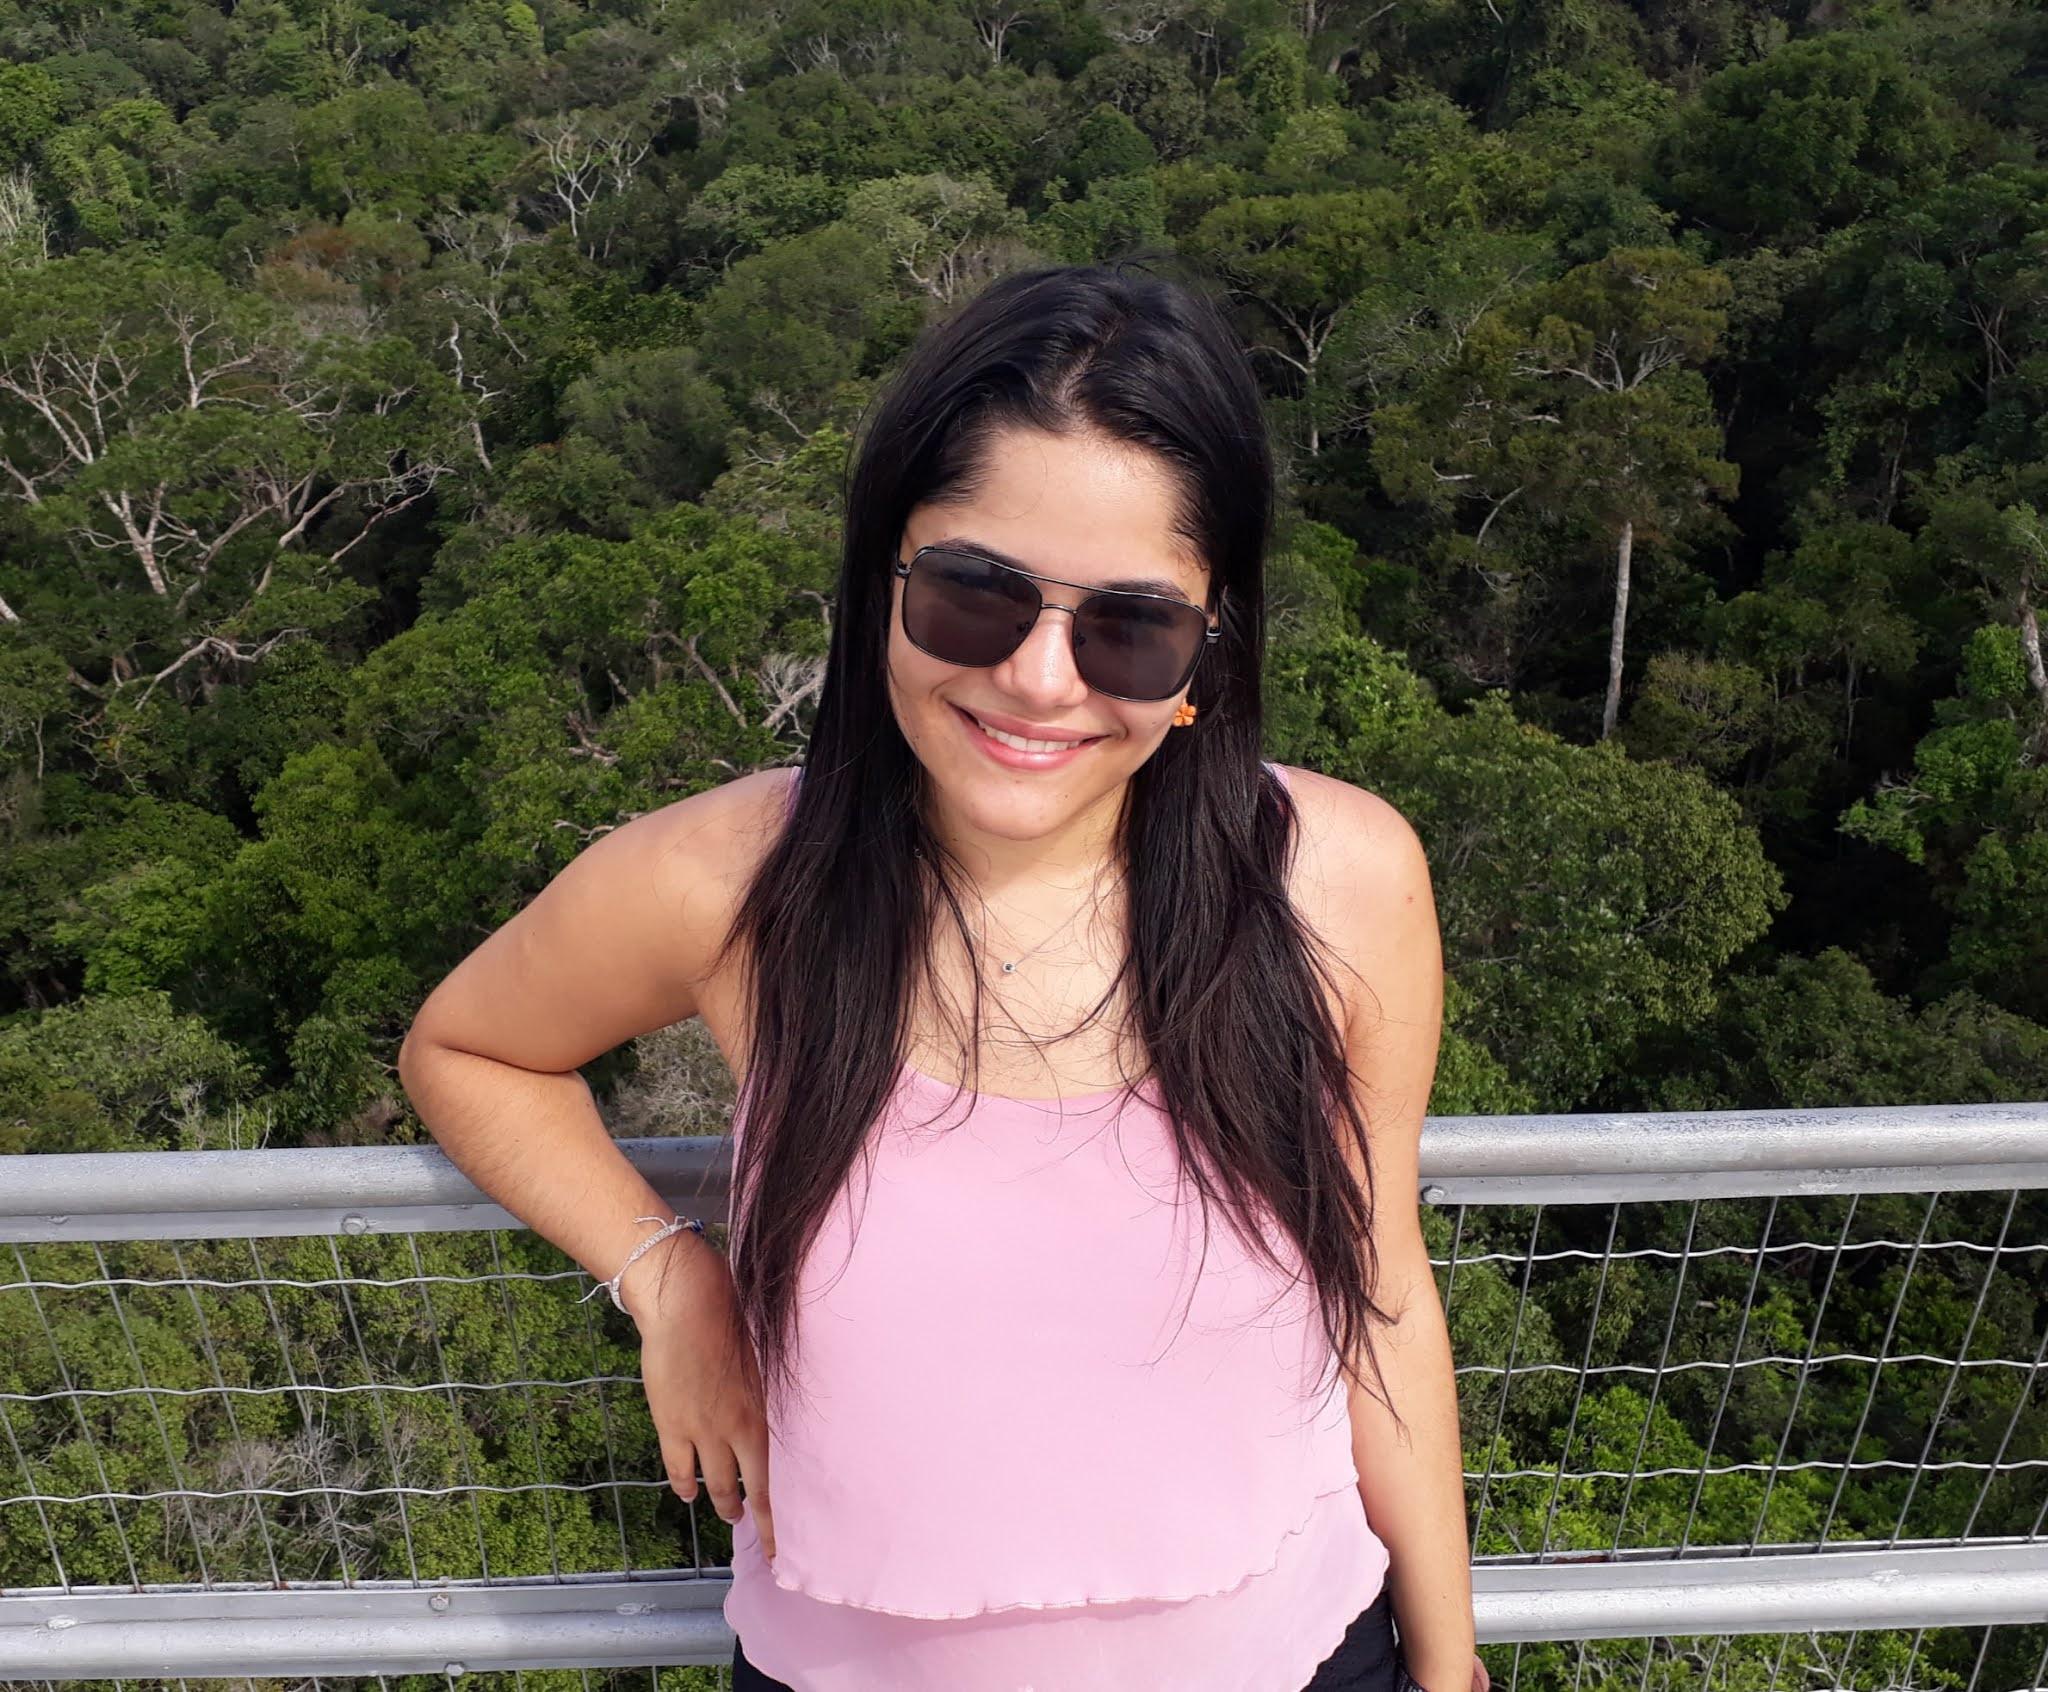 mulher jovem em um mirante da floresta amazonica